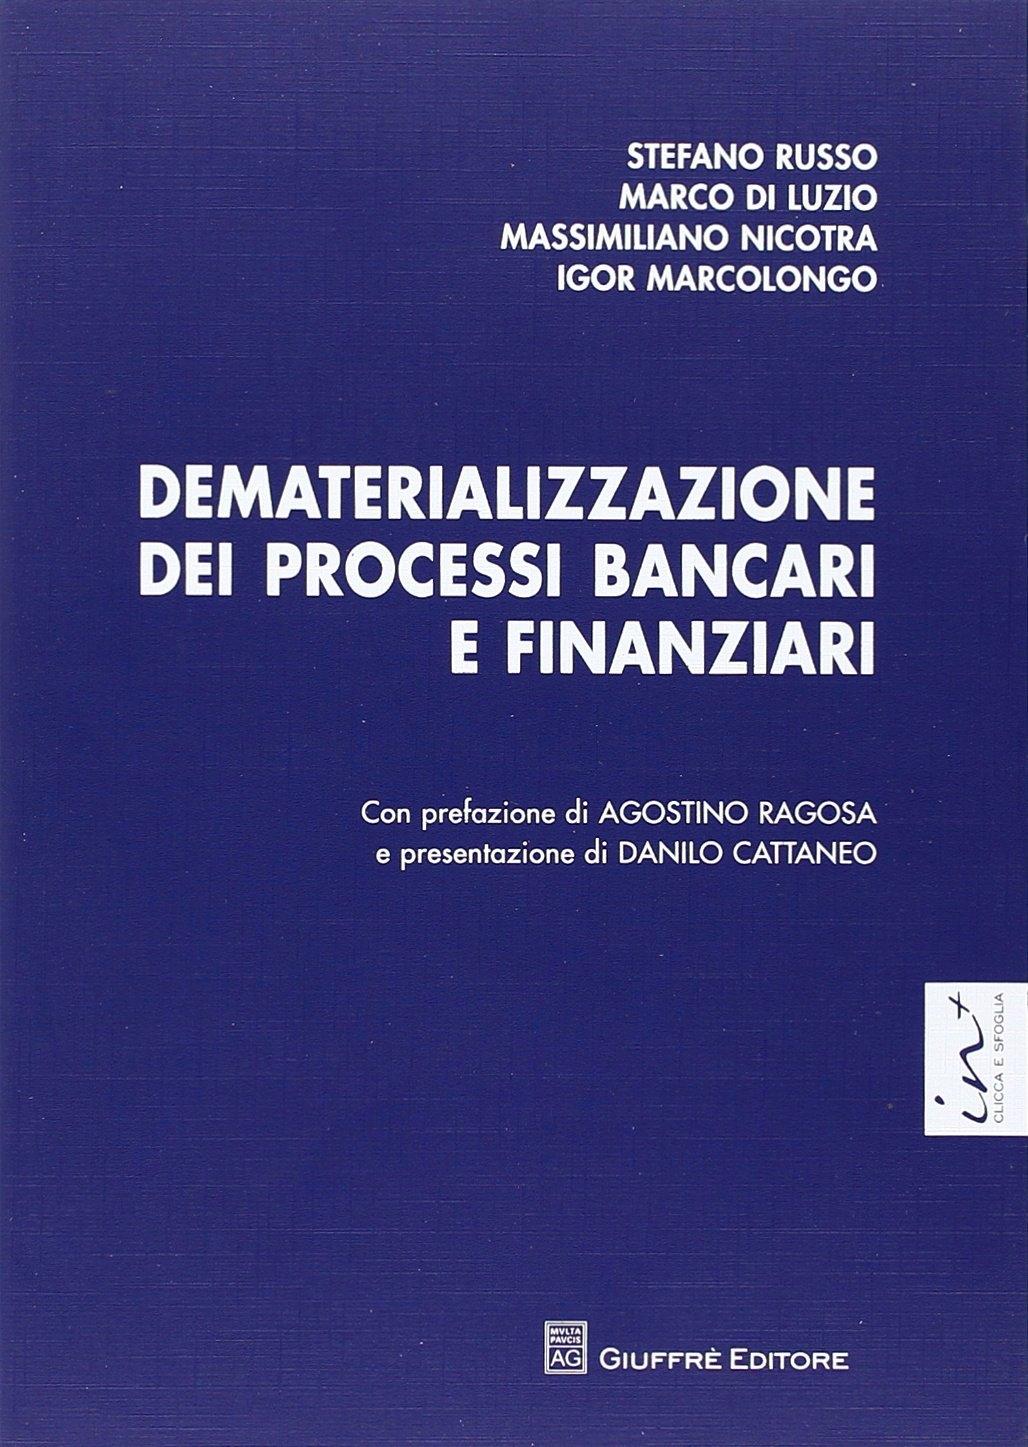 Dematerializzazione dei processi bancari e finanziari